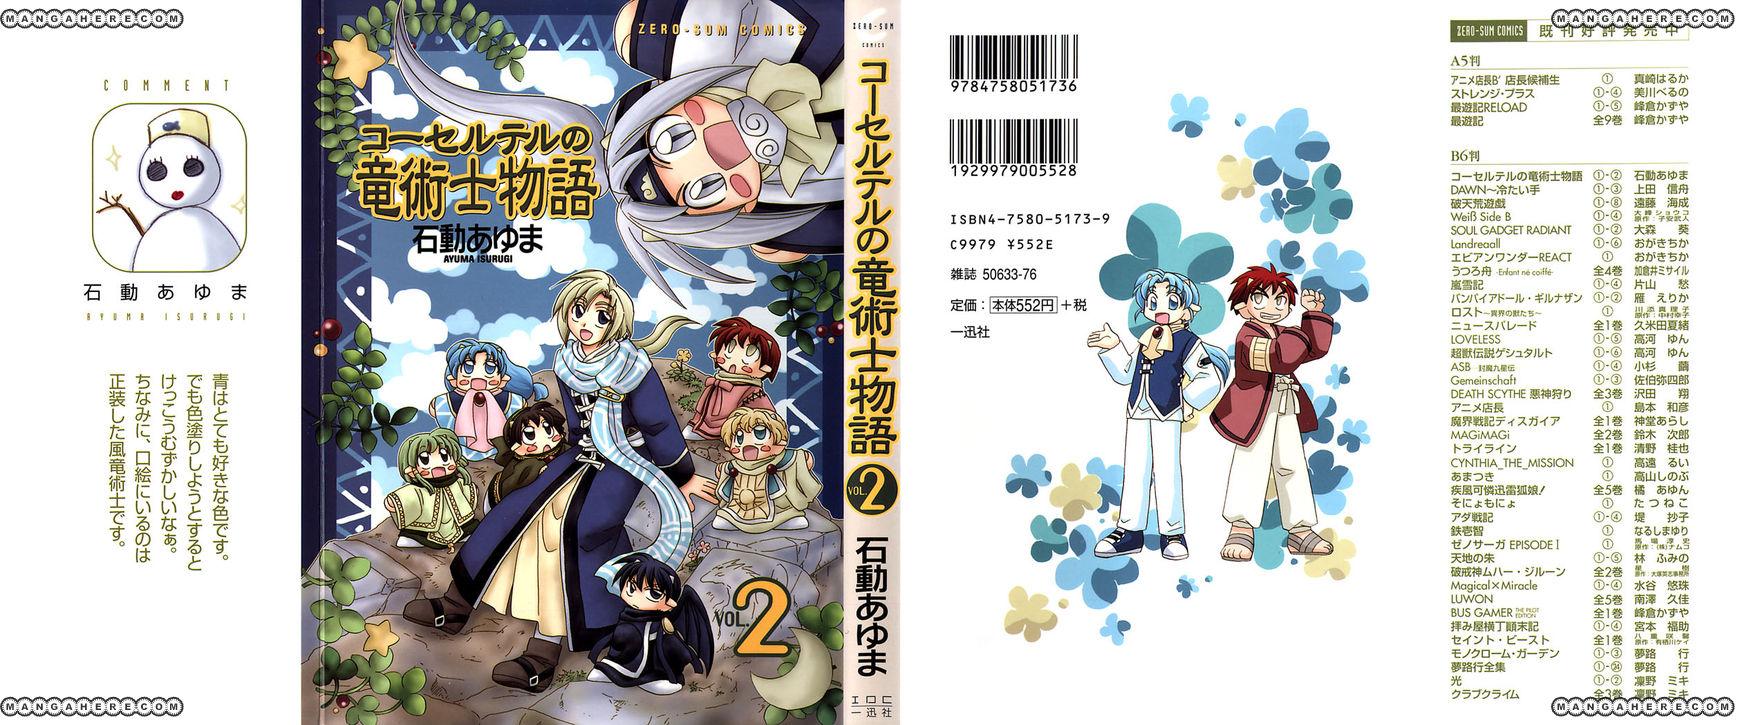 Corseltel No Ryuujitsushi Monogatari 14.5 Page 1